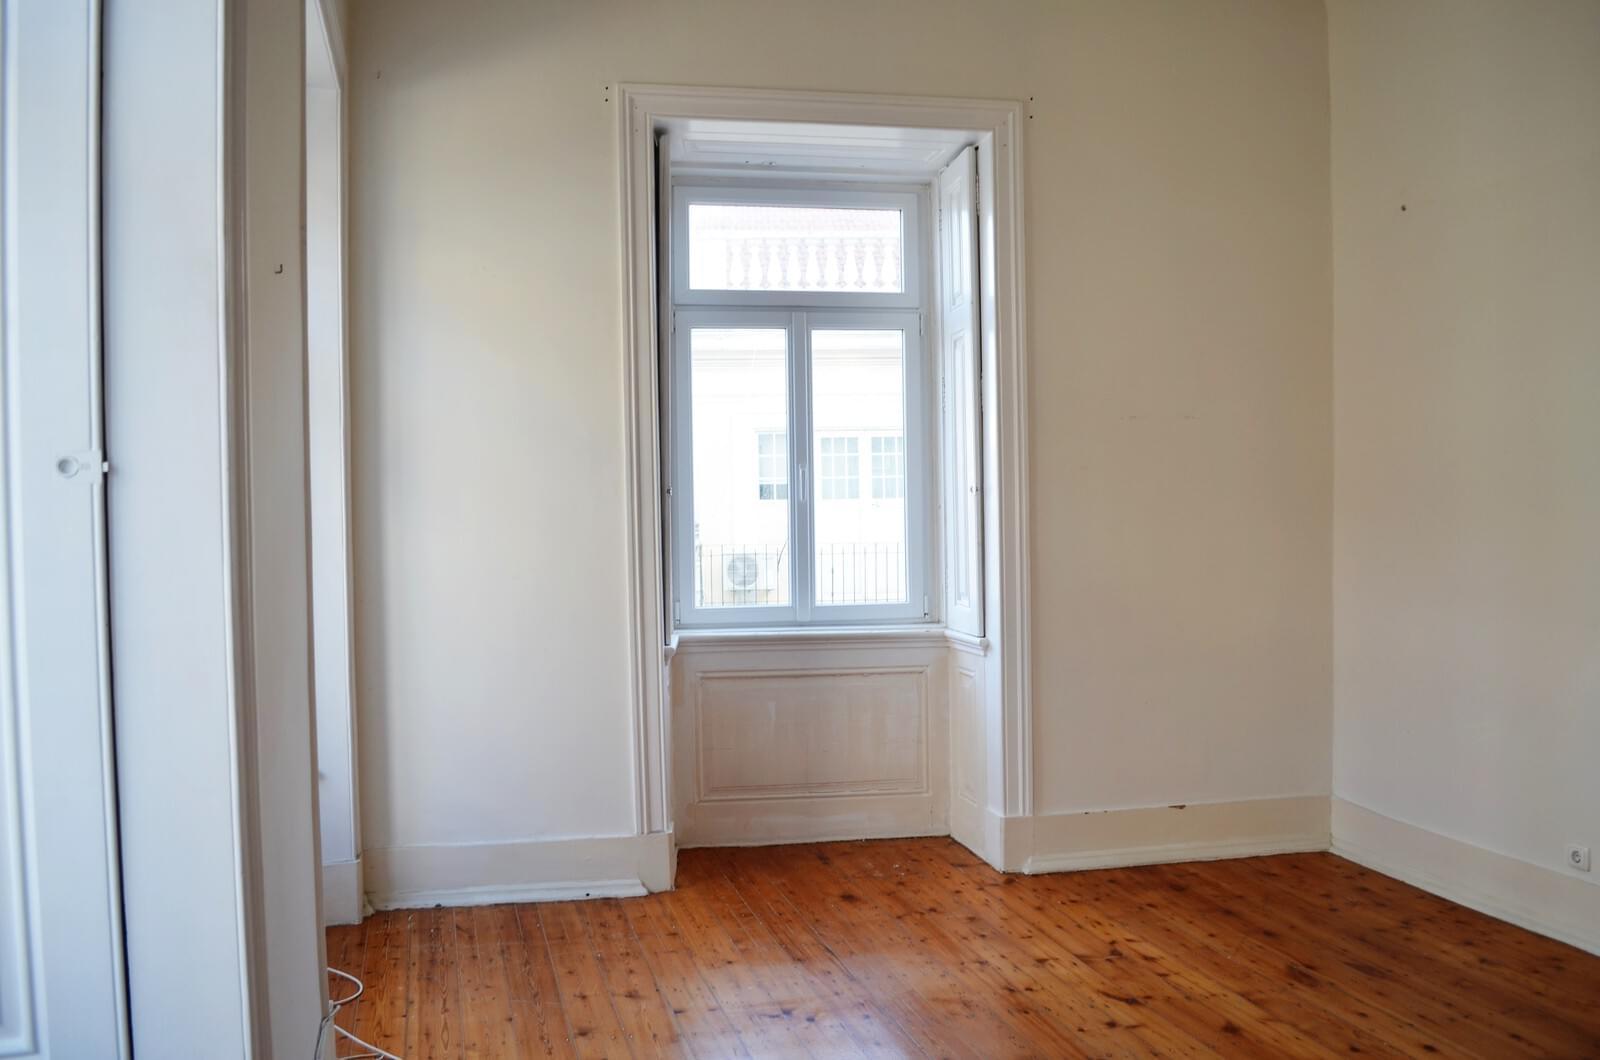 pf18621-apartamento-t4-lisboa-4a1c1809-4c31-4f09-a243-50dfc6acca2c